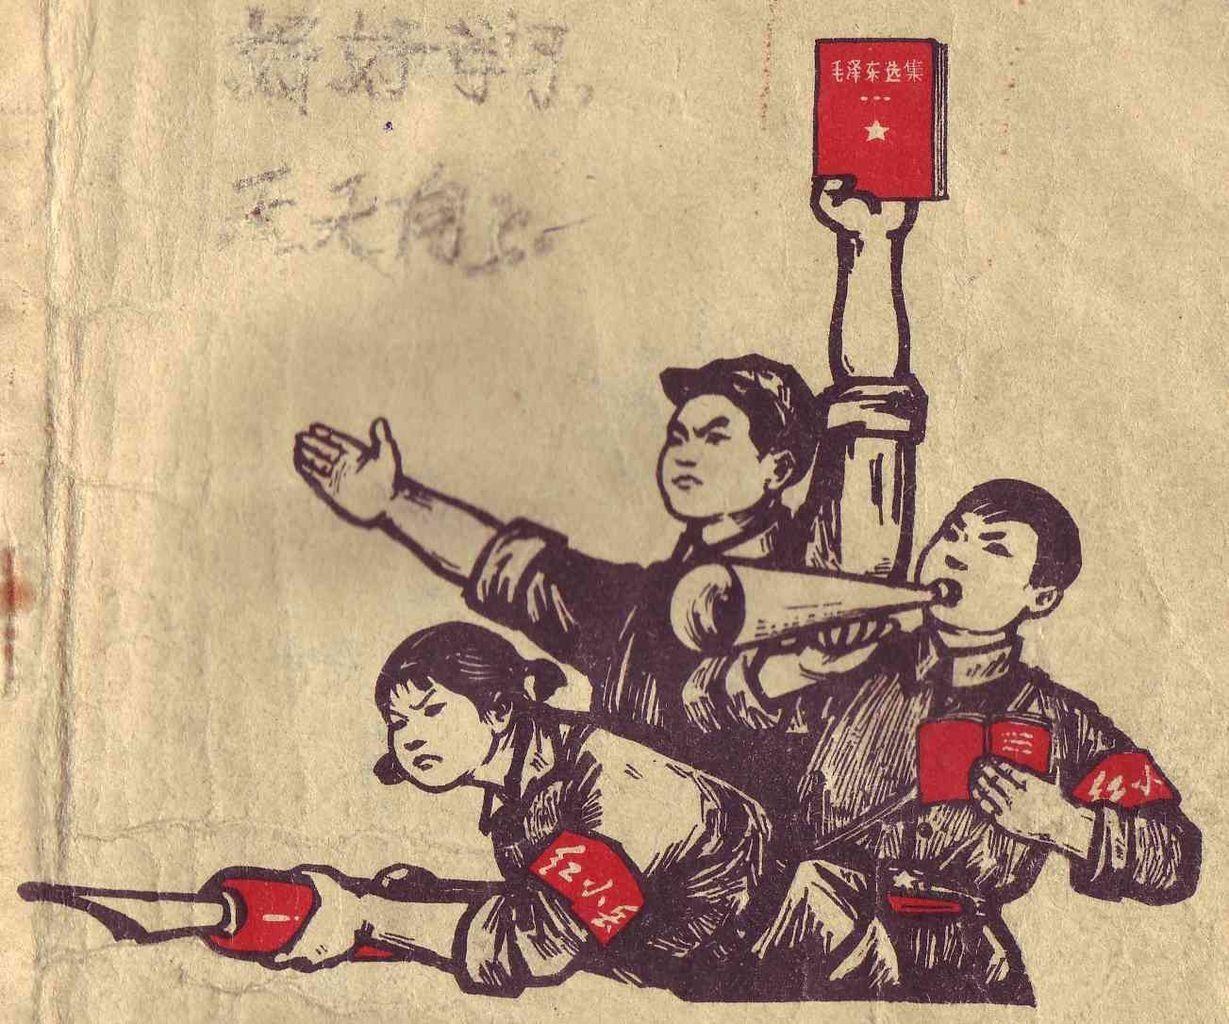 Il y a une éruption de gardes rouges (ici en illustration) contre Manuel Valls.